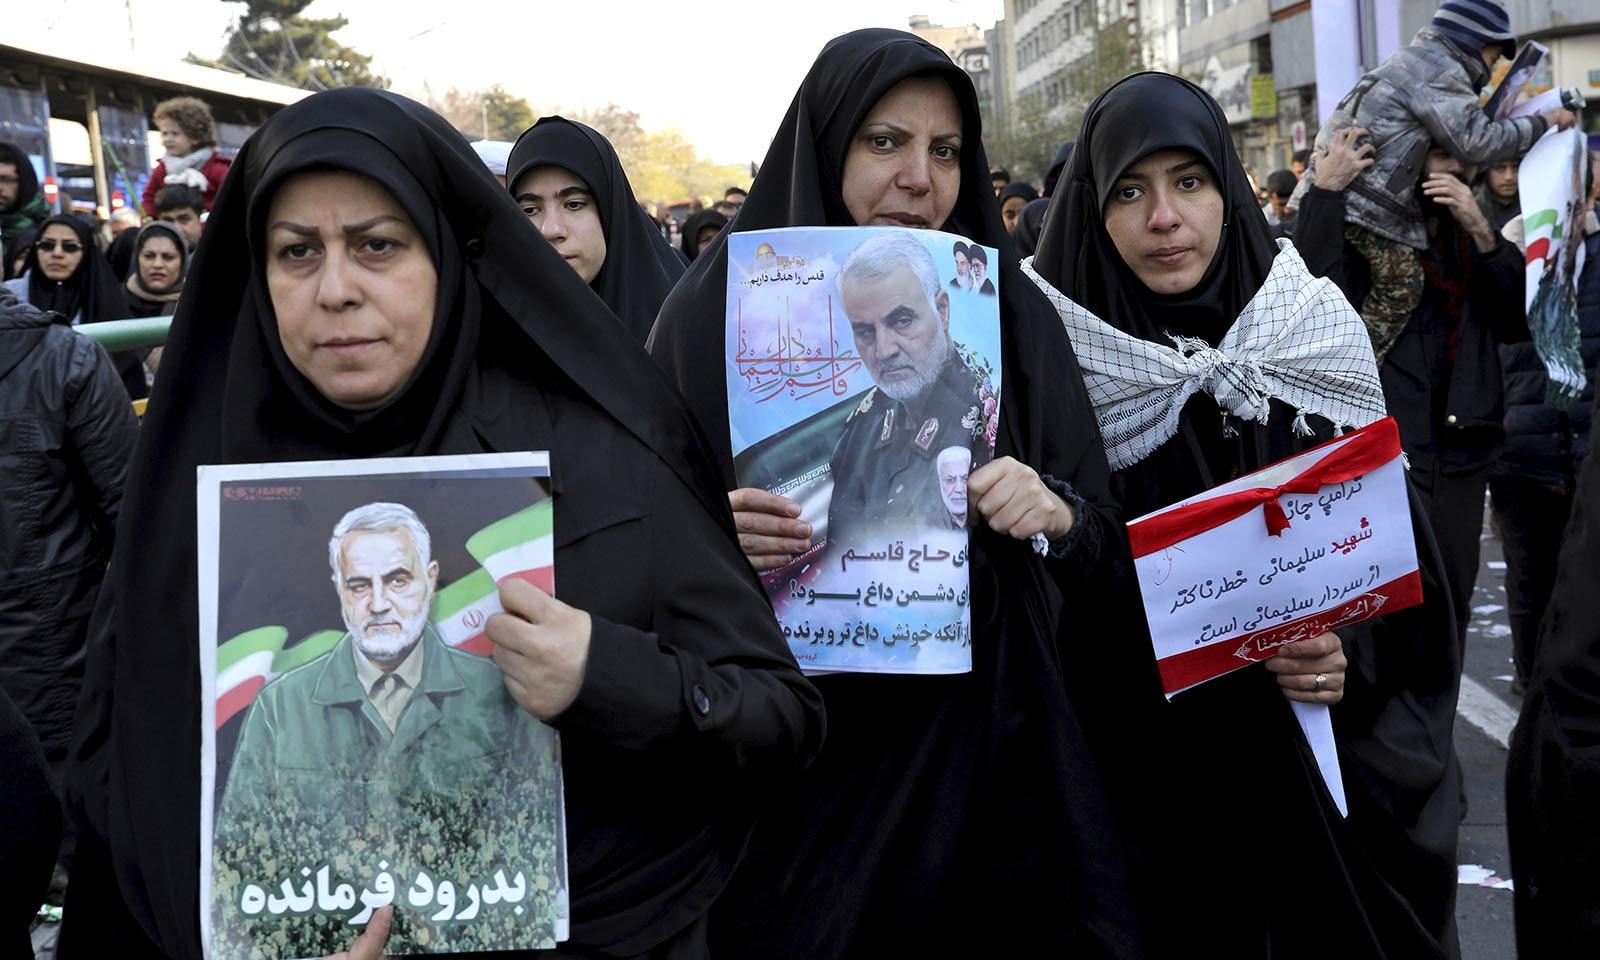 ایرانی فوجی کمانڈر قاسم سلیمانی کو خراج عقیدت پیش کرنے کے لیے خواتین کی بڑی تعداد بھی سڑکوں پر نکلی — فوٹو: اے پی